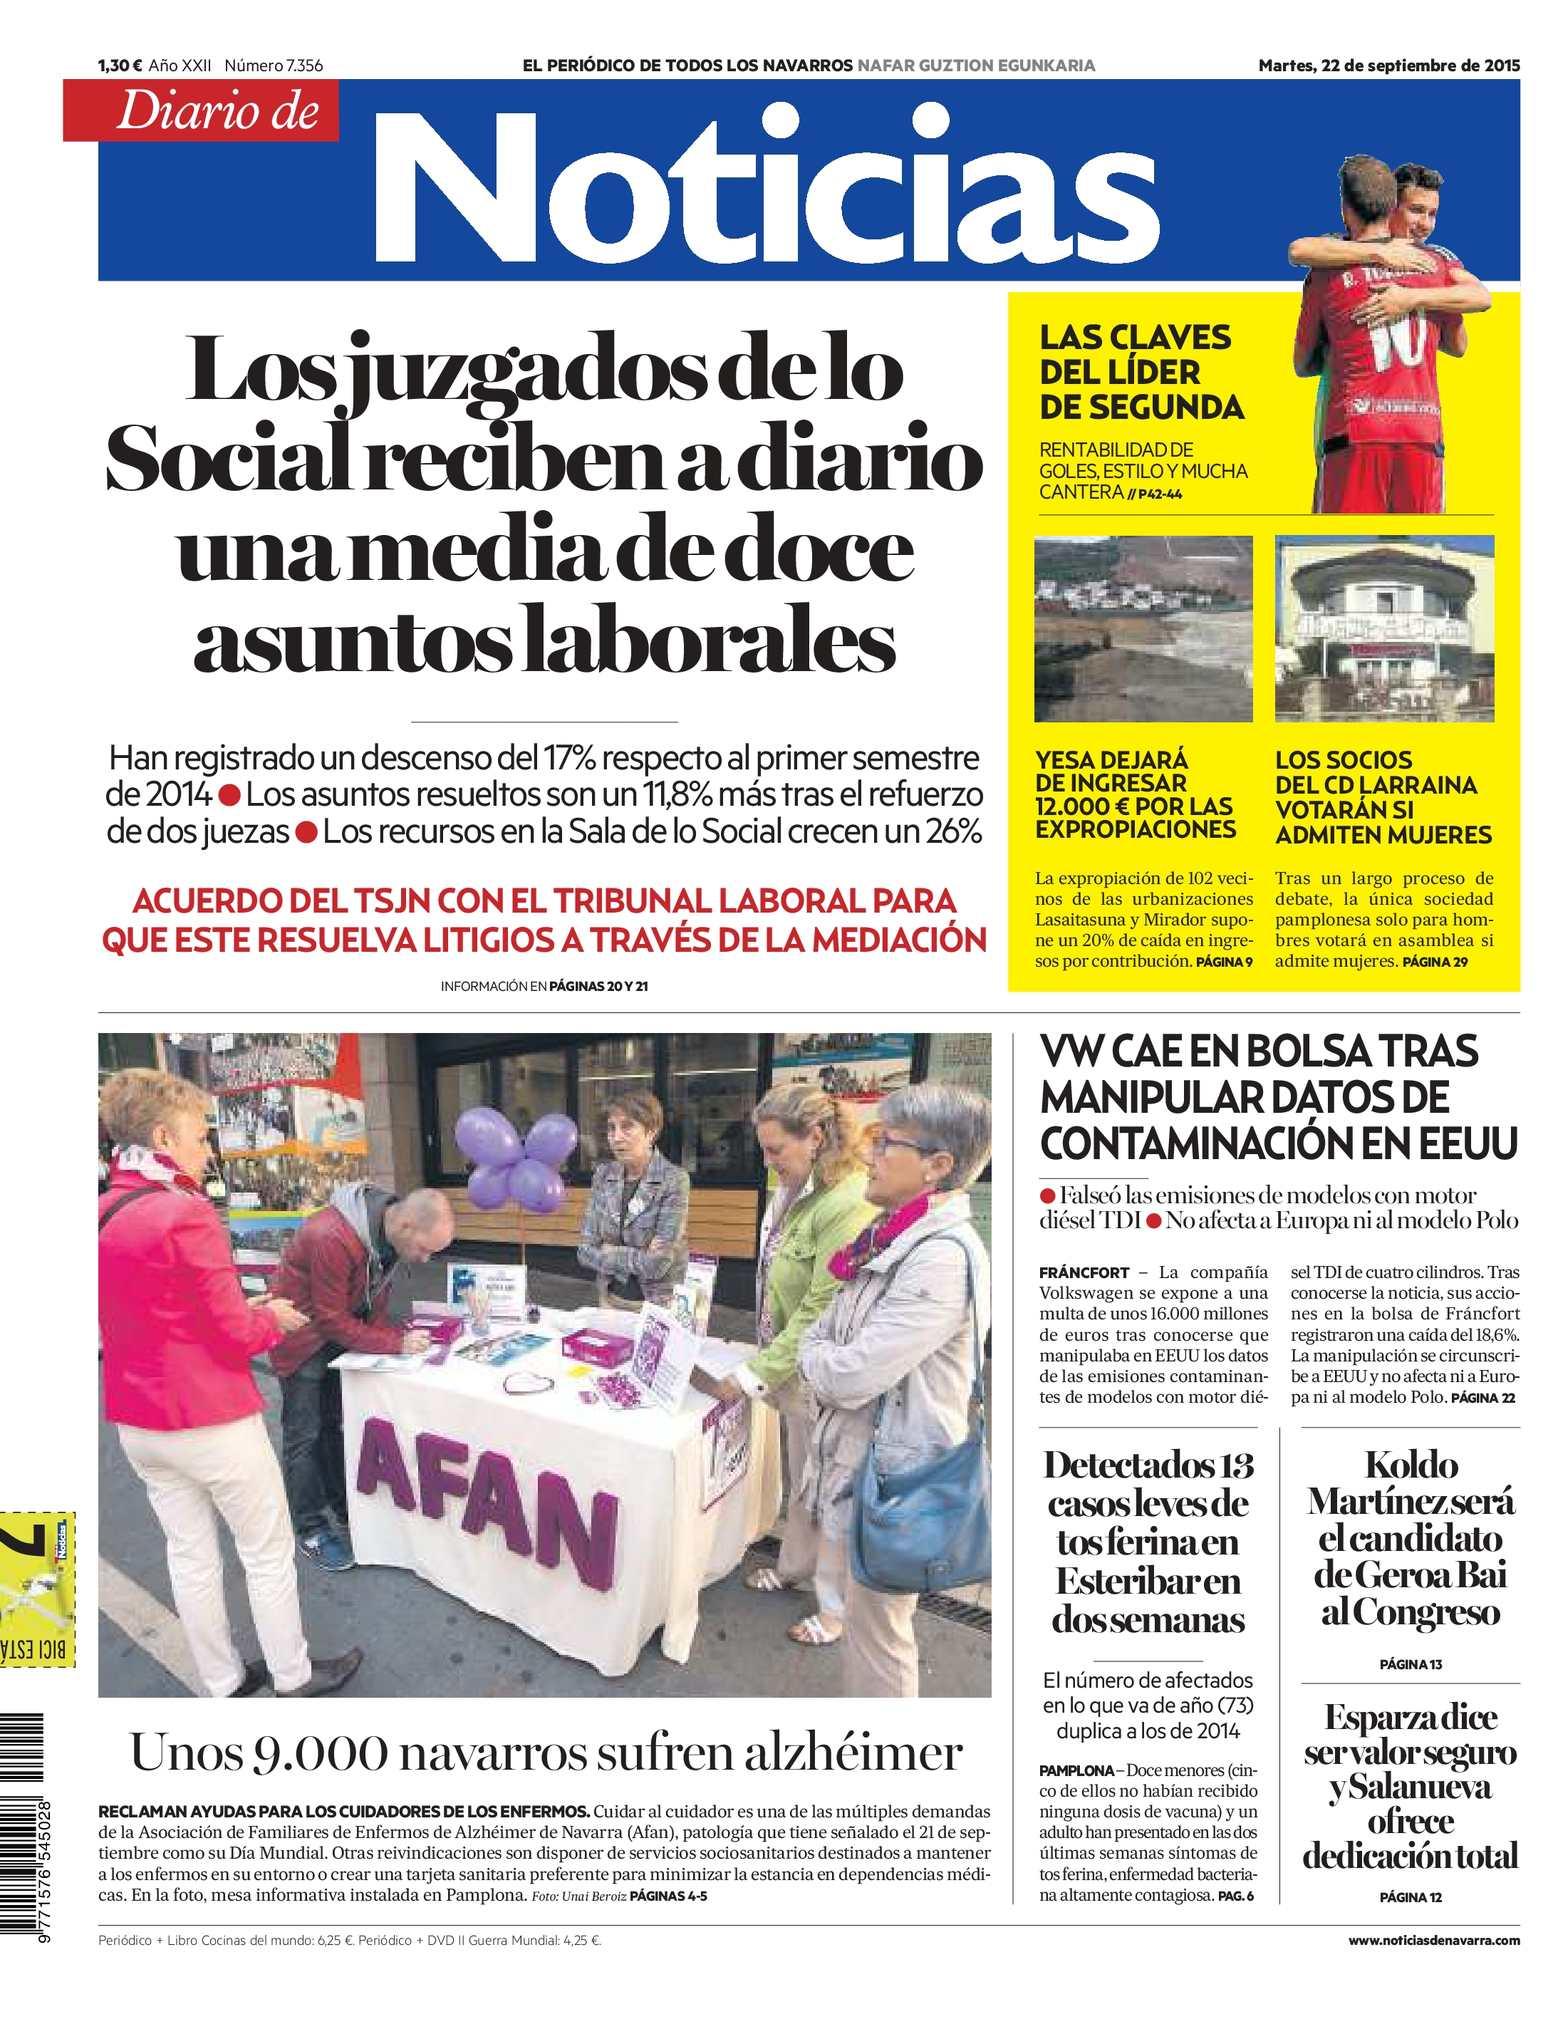 Calaméo - Diario de Noticias 20150922